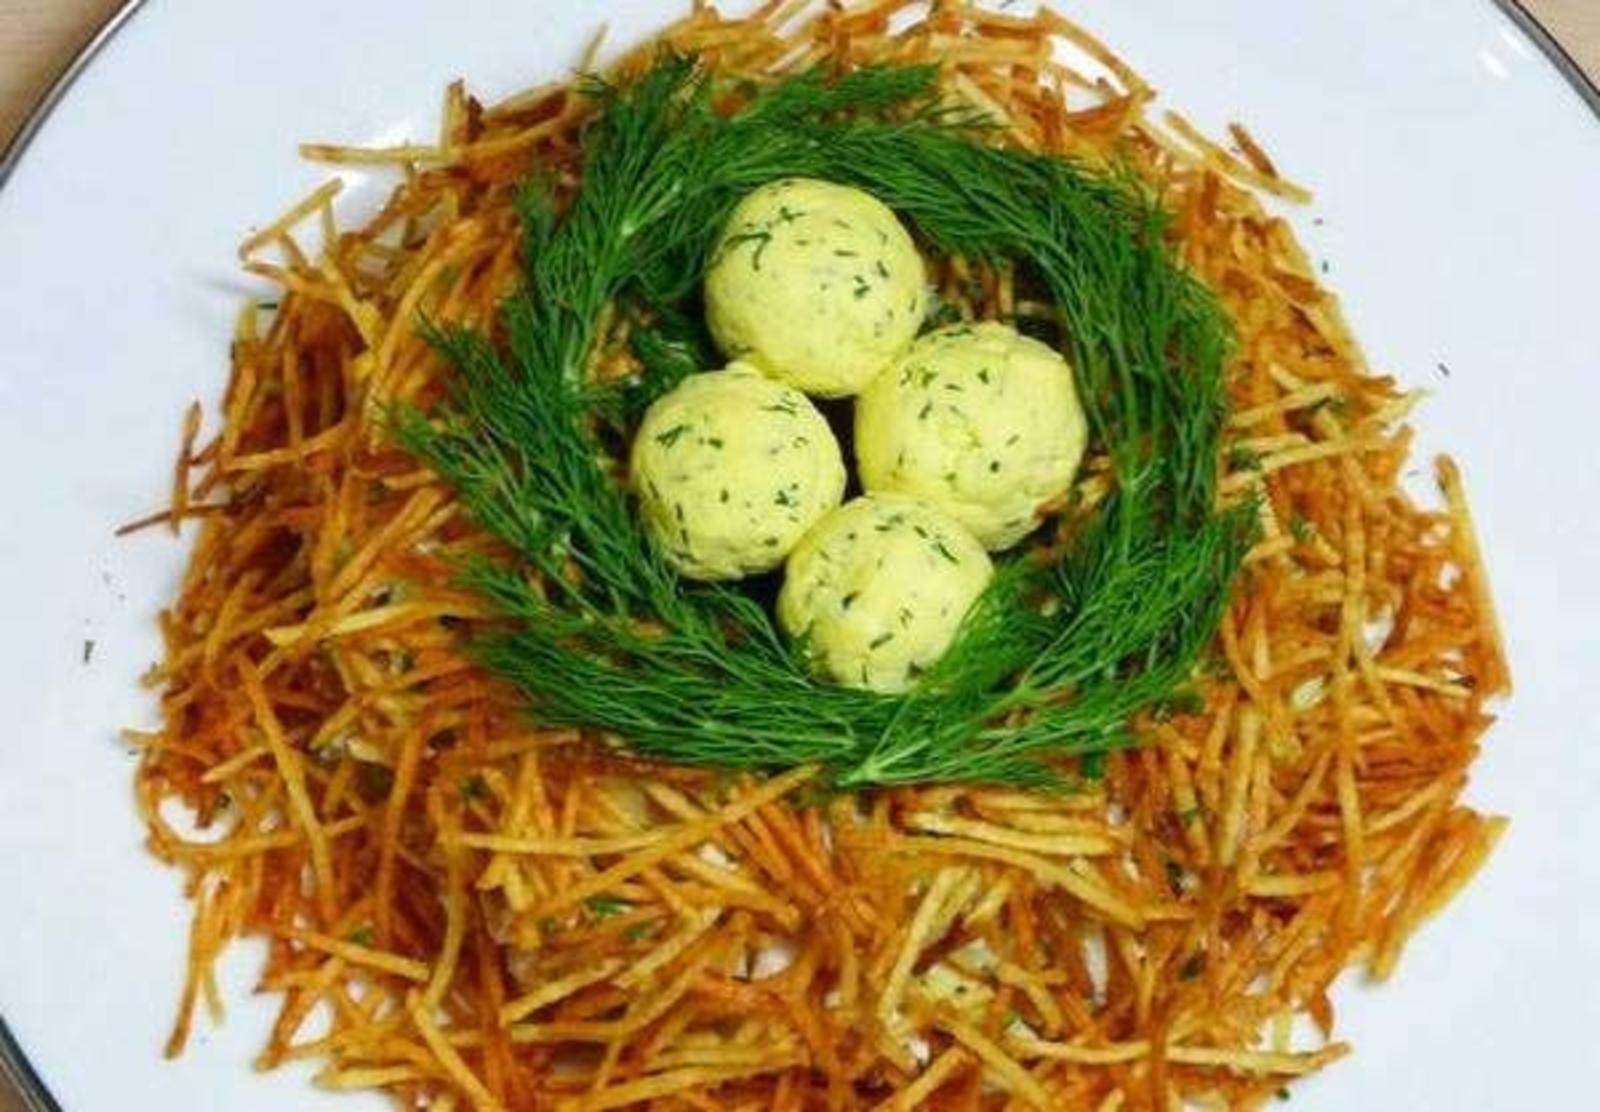 мамочка рецепт салата гнездо глухаря классический с фото вам есть что